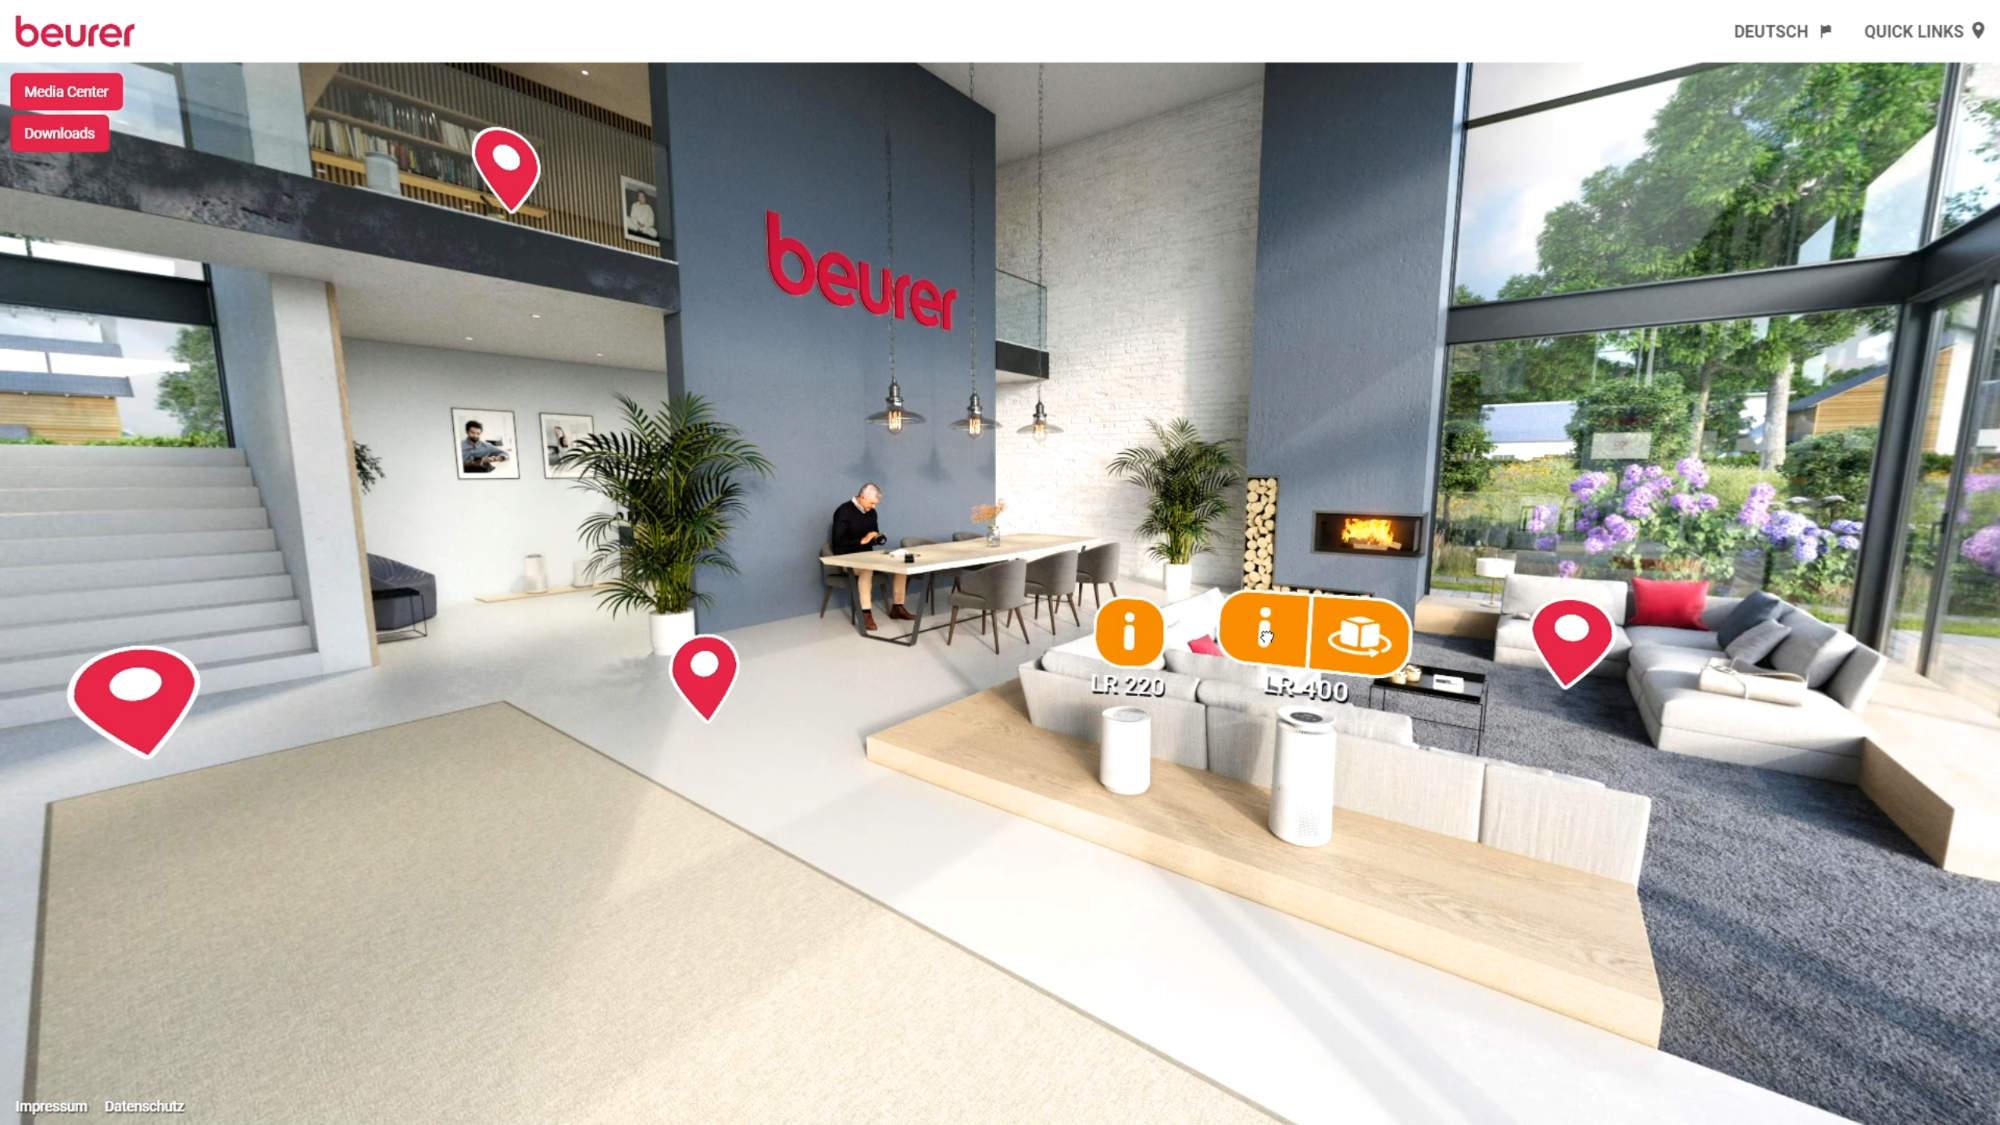 Kommt in Kürze: Der neue Beurer Showroom in 3D.